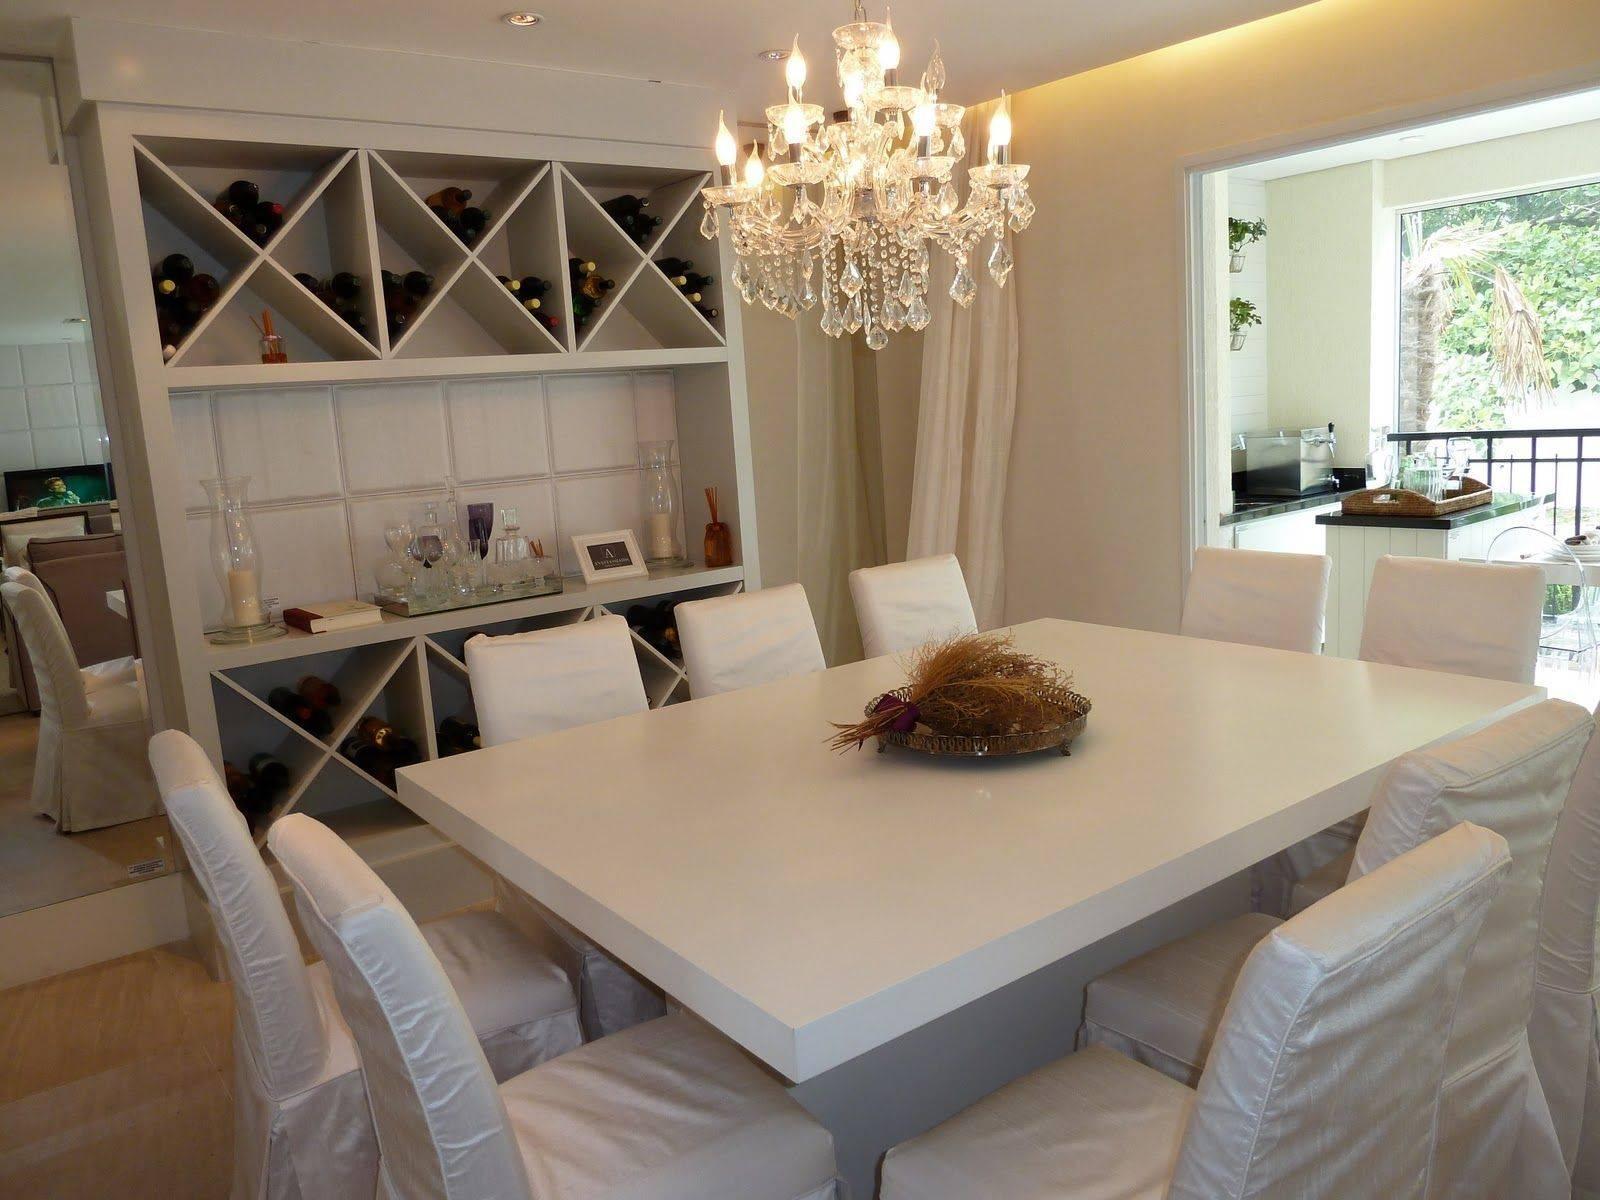 Salas Com Adega Pequenas Embutidas Sofisticadas Decora O De Casa -> Adega Na Sala De Estar